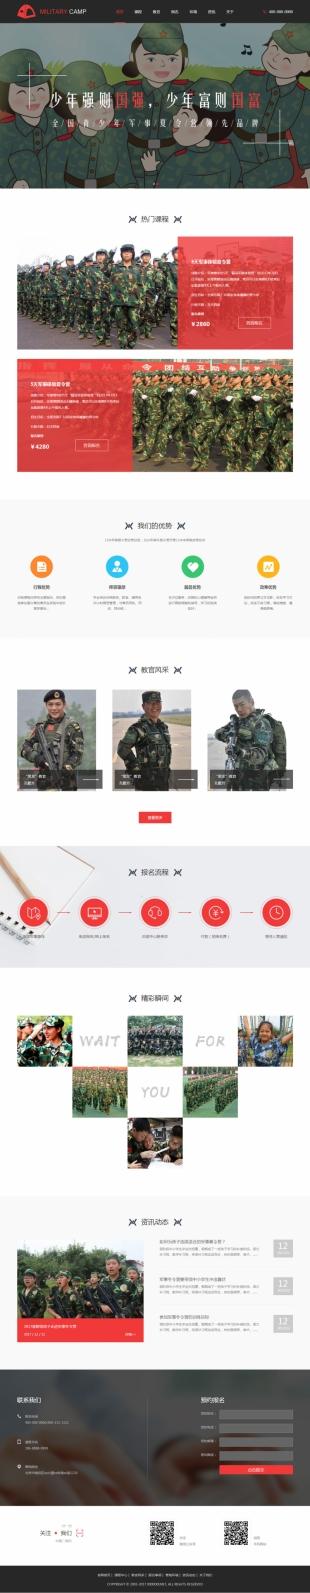 军事体验夏令营网站通用模板电脑图片